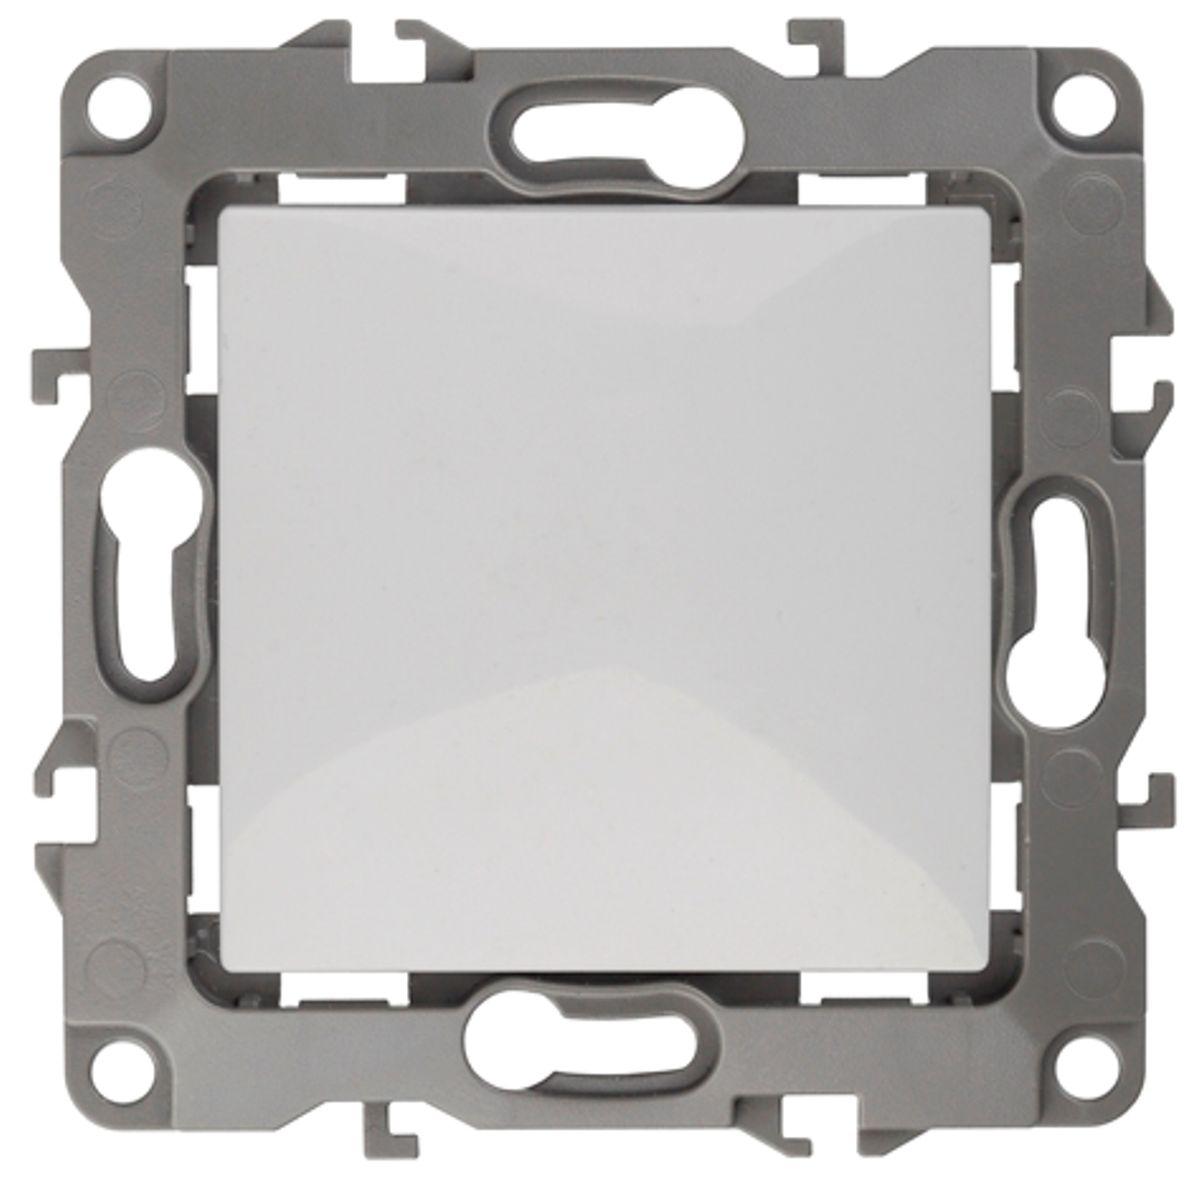 Переключатель ЭРА промежуточный, 10АХ-250В, Эра12, белый12-1108-01Автоматические зажимы. Такие зажимы кабеля обеспечивают быстрый и надежный монтаж изделия к электросети без отвертки и не требуют обслуживания в отличие от винтовых зажимов. Перекрестный